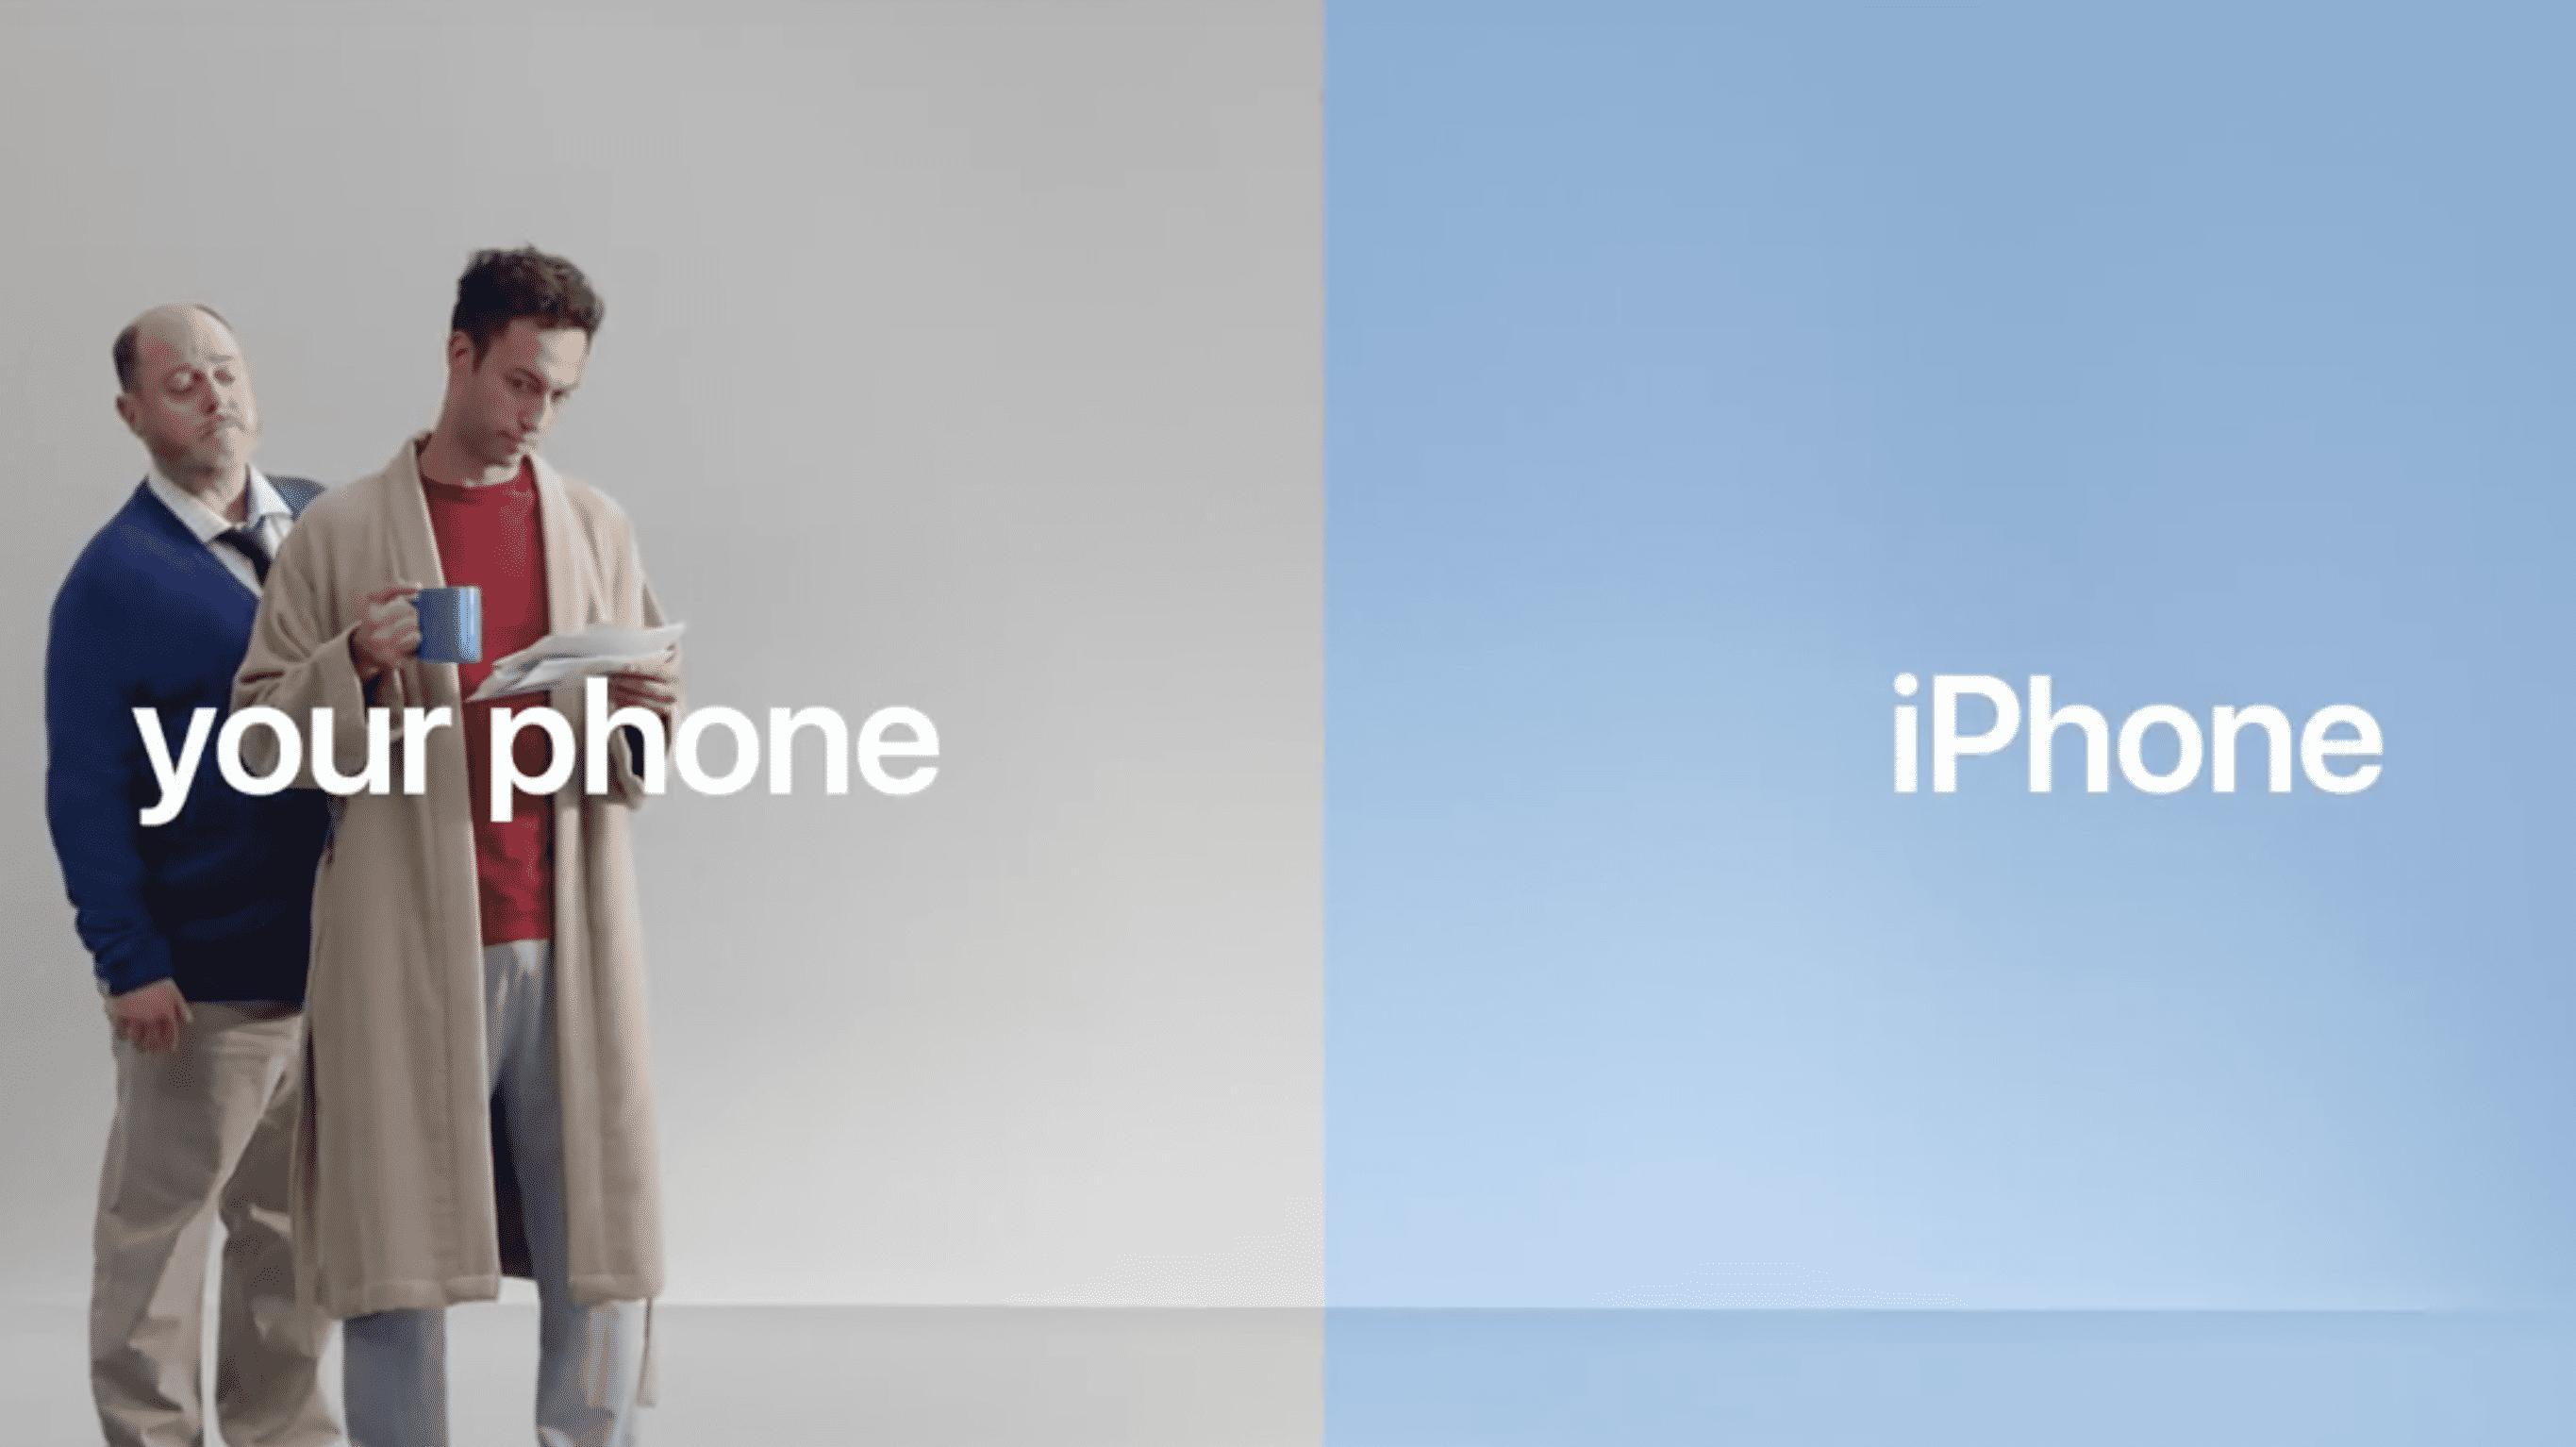 US-Marktforscher: Jeder fünfte iPhone-Neukunde nutzte vorher Android